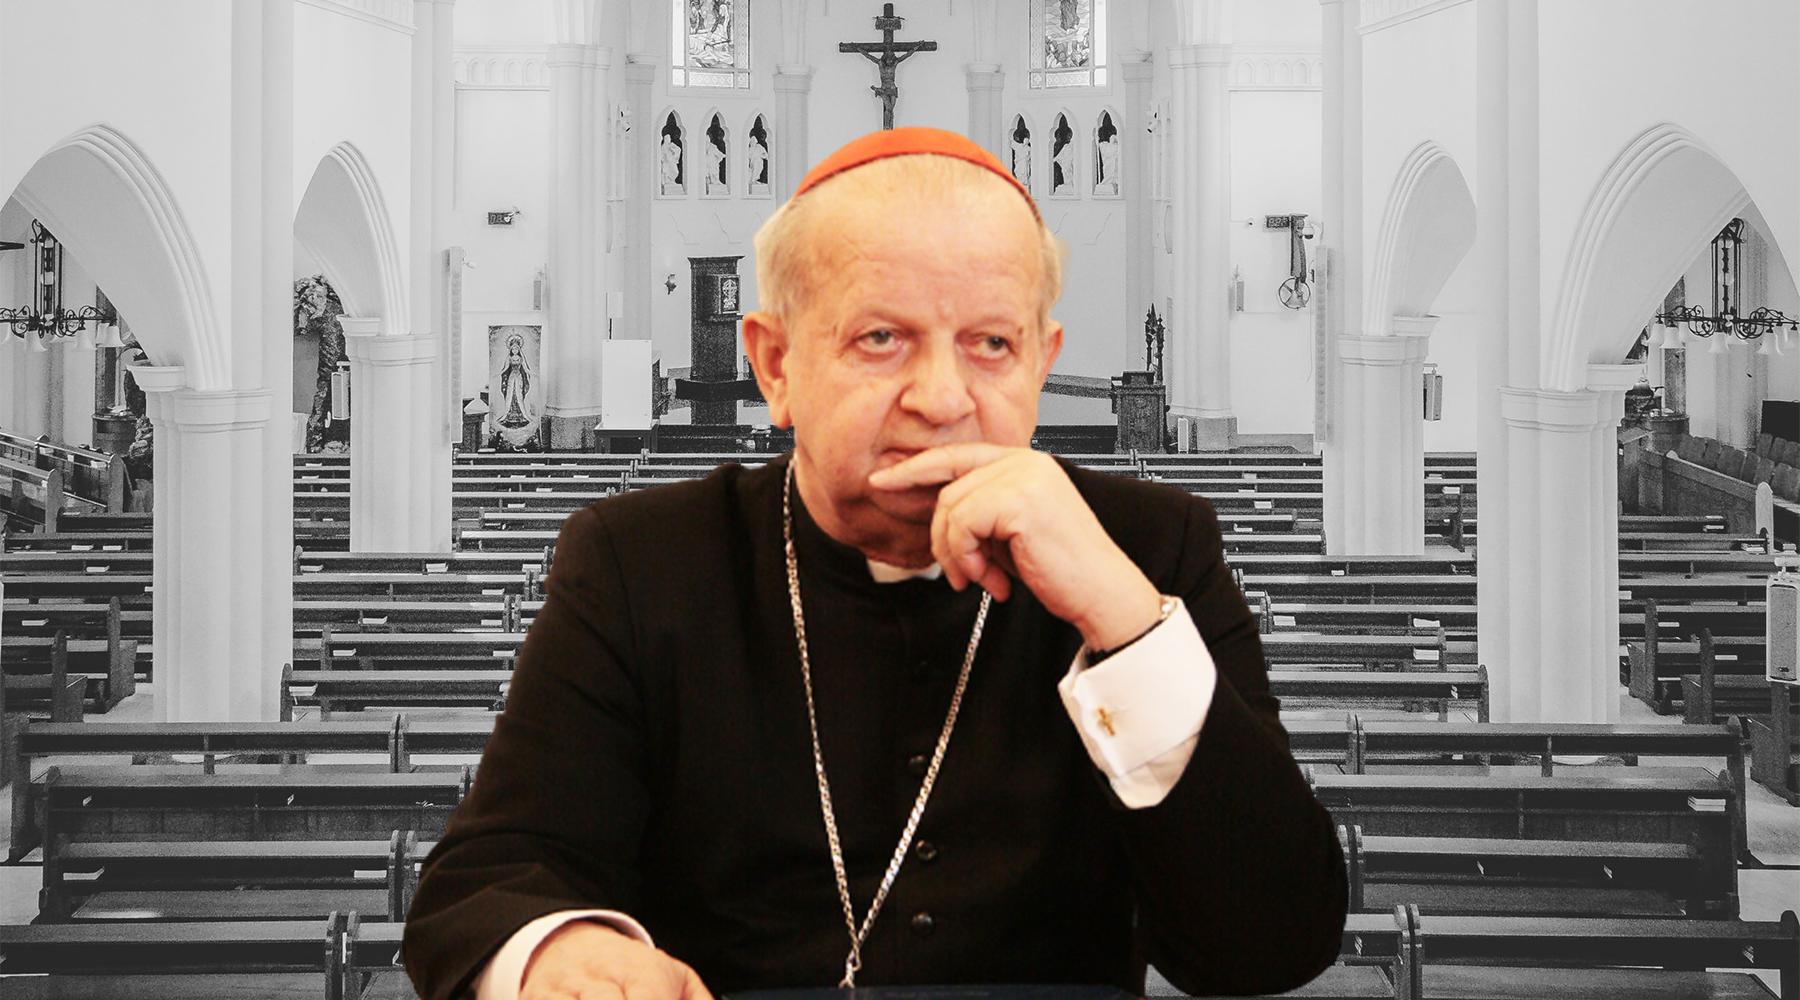 Koniec pewnej ery? Polacy odwracają się od Kościoła. Elektryzujące wyniki badań